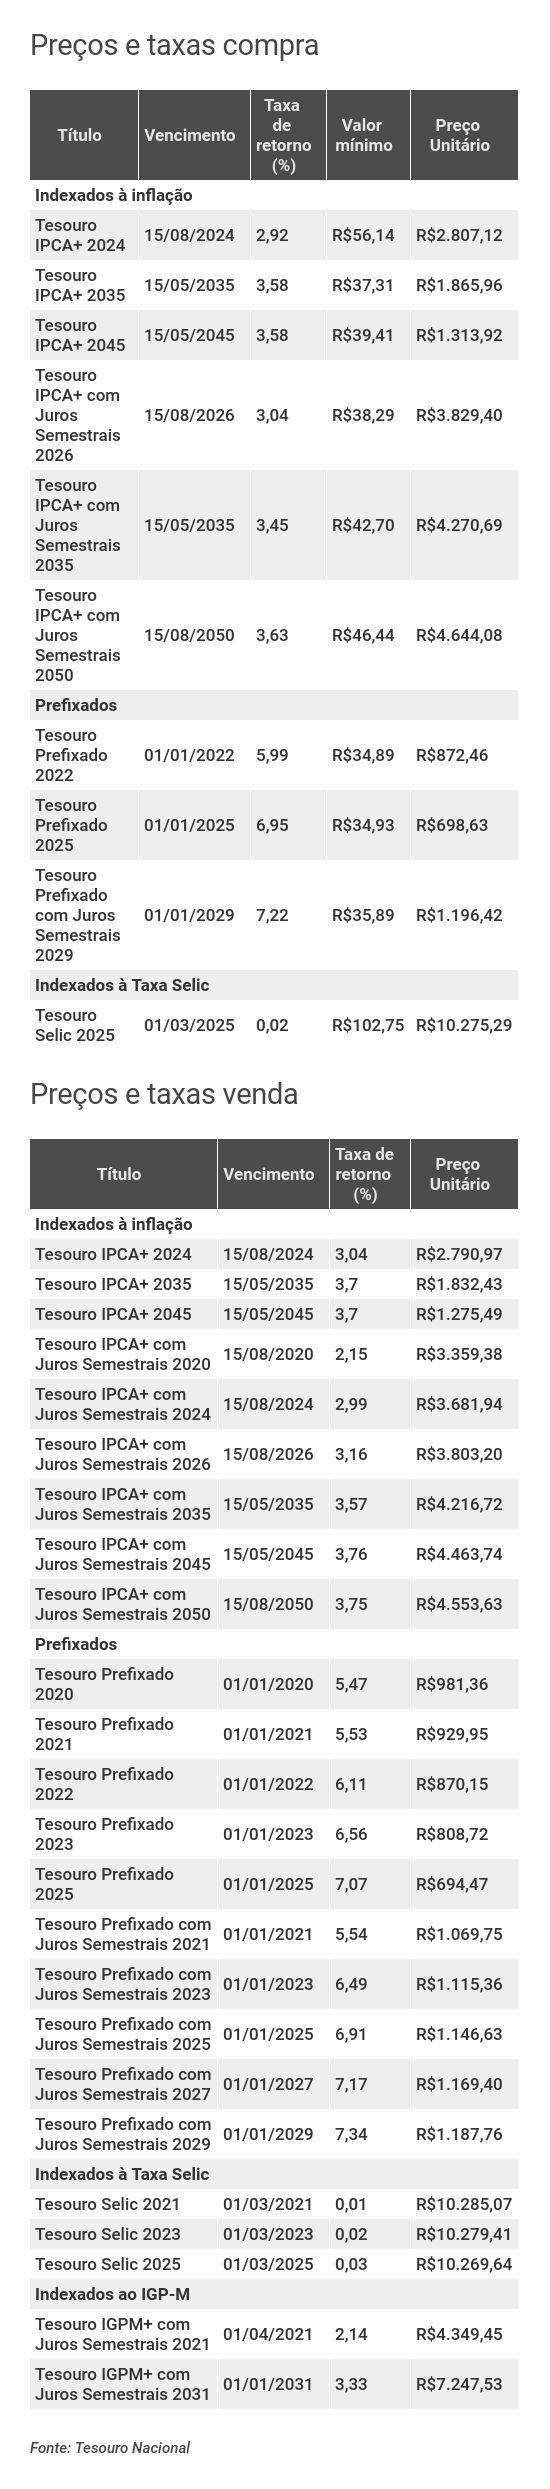 Preços e taxas do Tesouro Direto em 26 de agosto de 2019